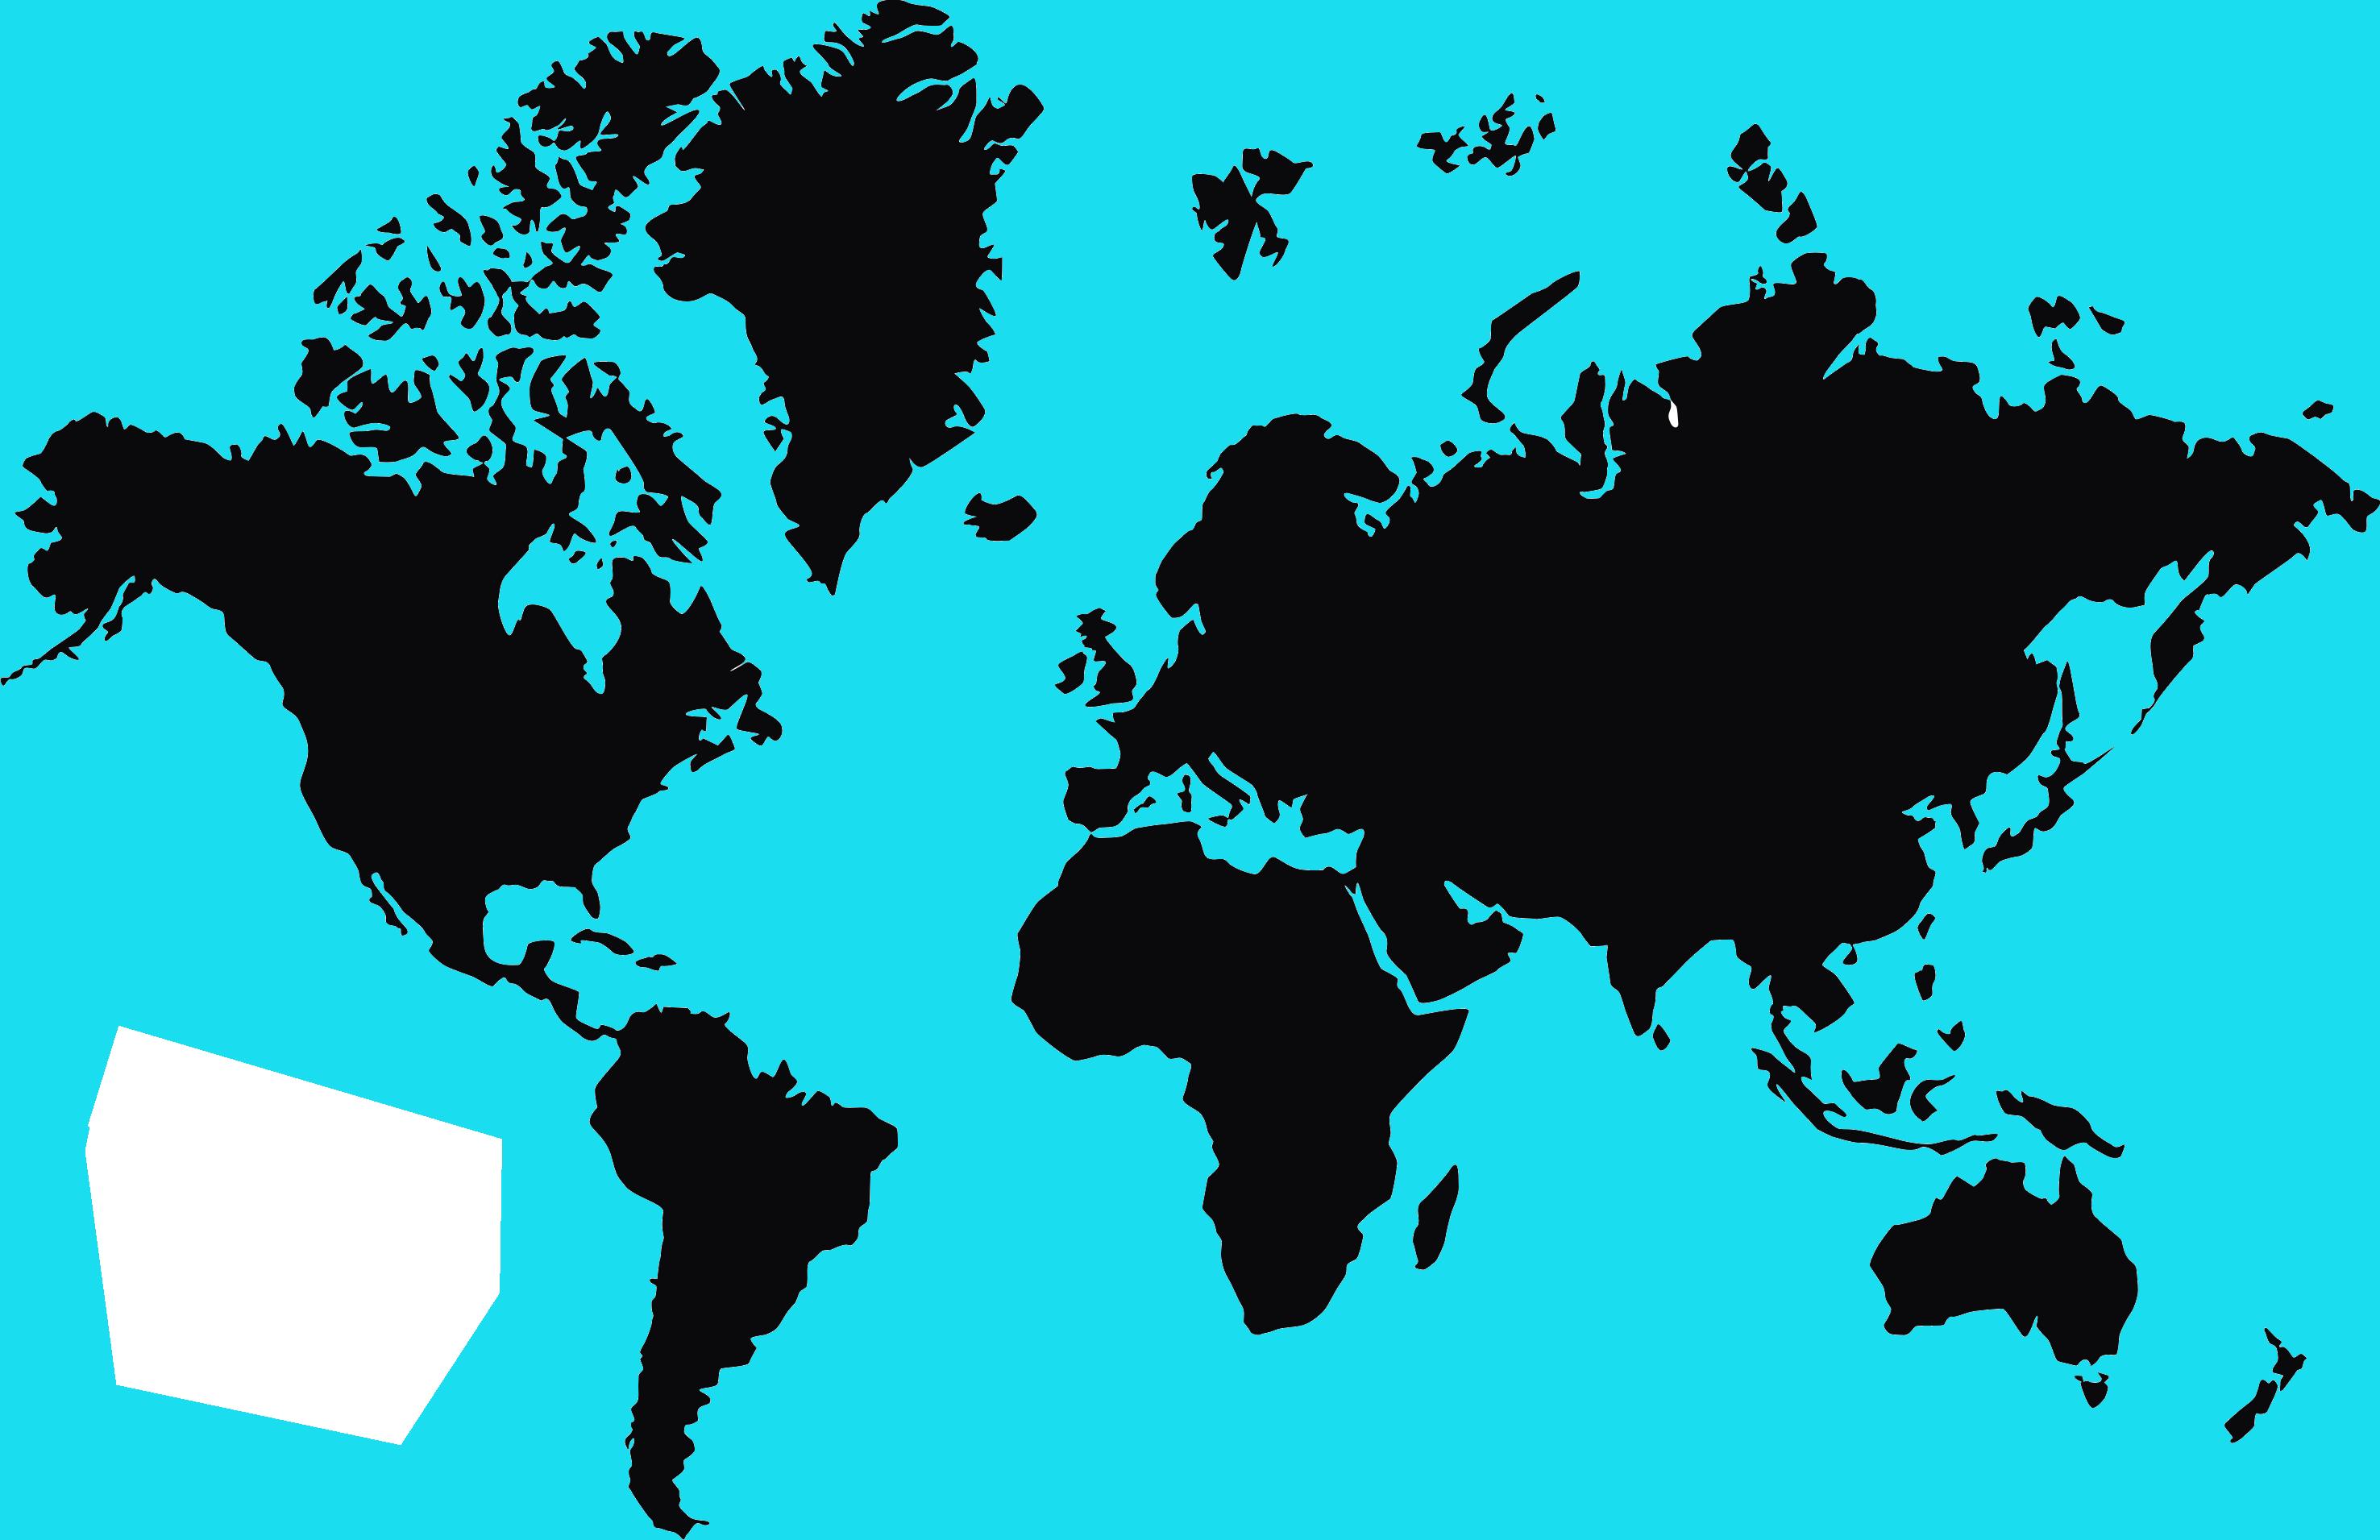 Worlp Map in Black